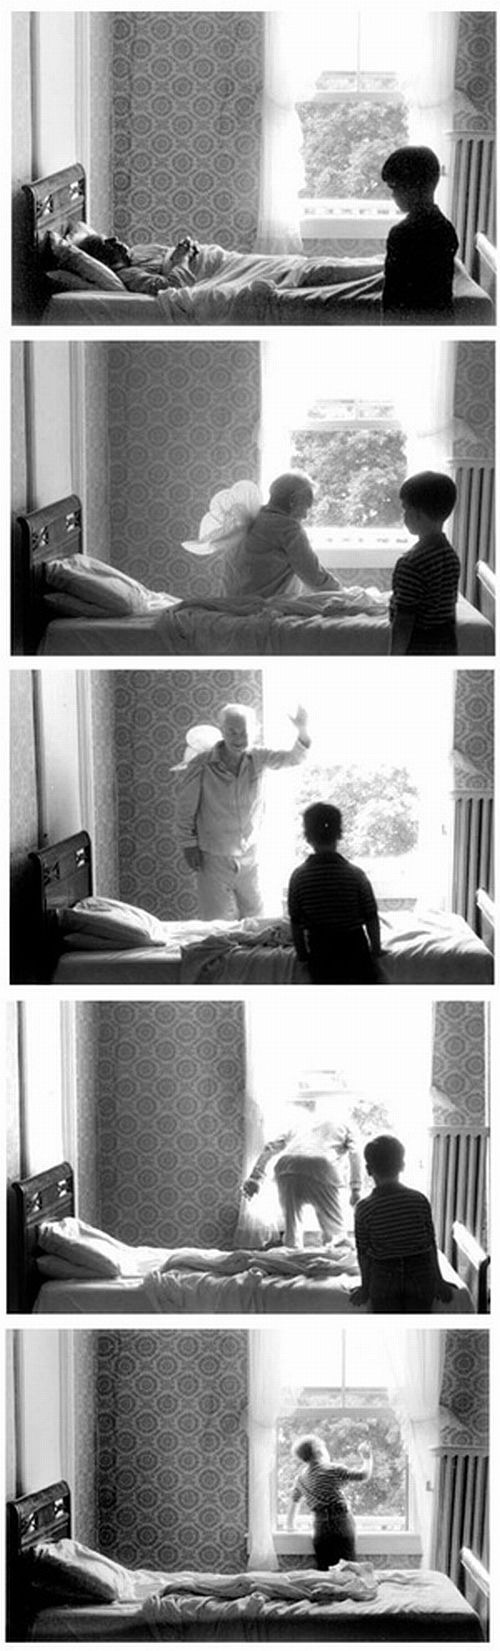 Les séquences photographiques de Duane Michals sequence photographie duane mickeals 05 photo art